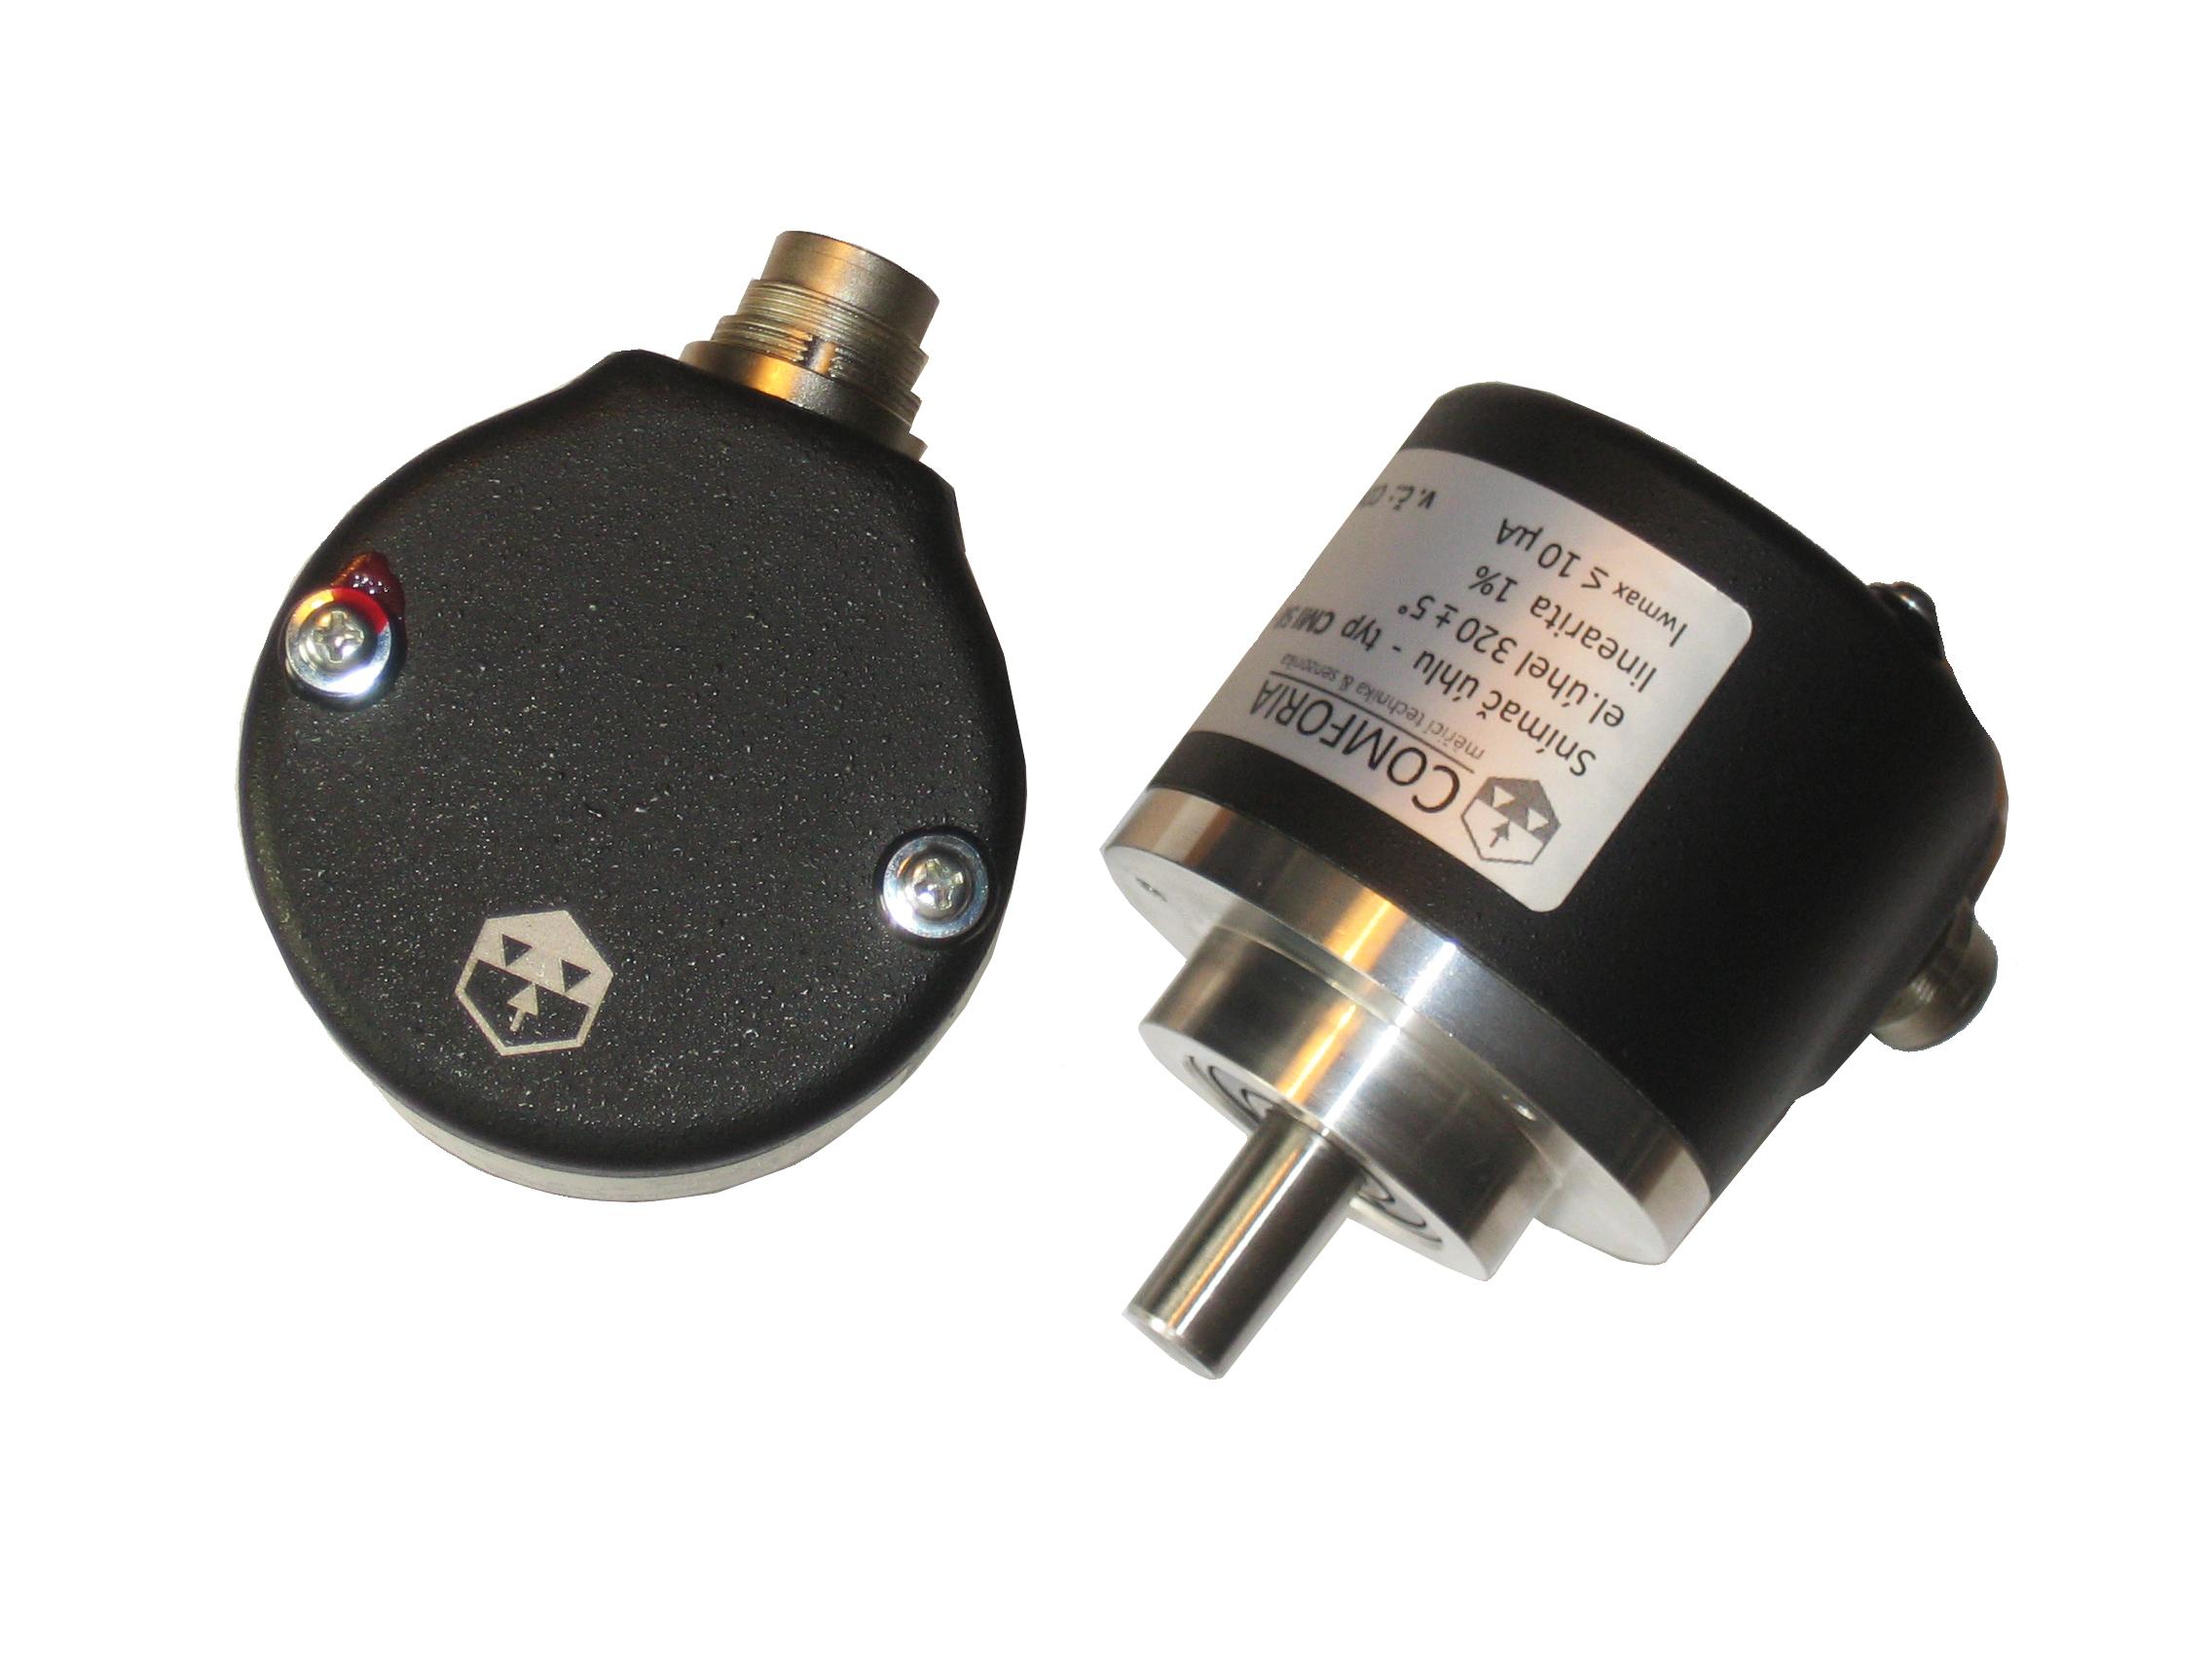 CMI58 - <li>robustní průmyslový snímač natočení</li> <li>duralové pouzdro Ø 58mm</li> <li>hřídel Ø 10mm, ul. v kuličkových ložiskách</li> <li>el. připojení konektorem M16</li> <li>možnost zakázkové vestavby různých snímačů</li> <li>krytí IP65</li>